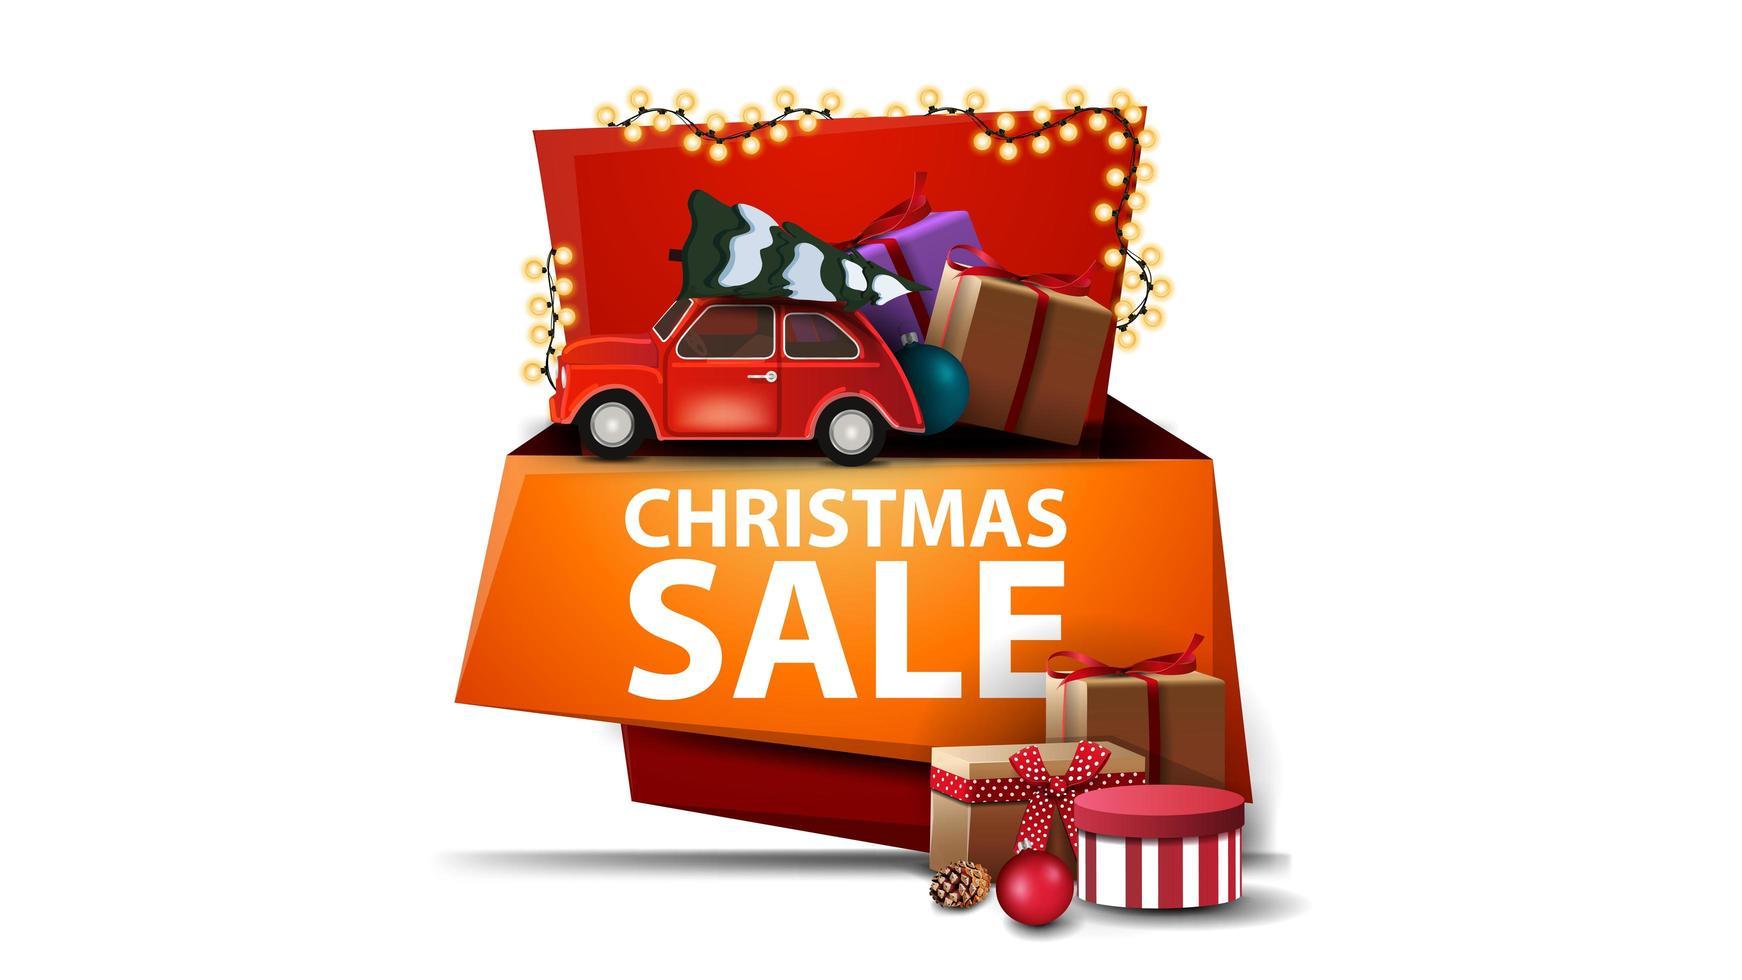 Venta de Navidad, banner de dibujos animados aislado con regalos y coche rojo de época con árbol de Navidad vector